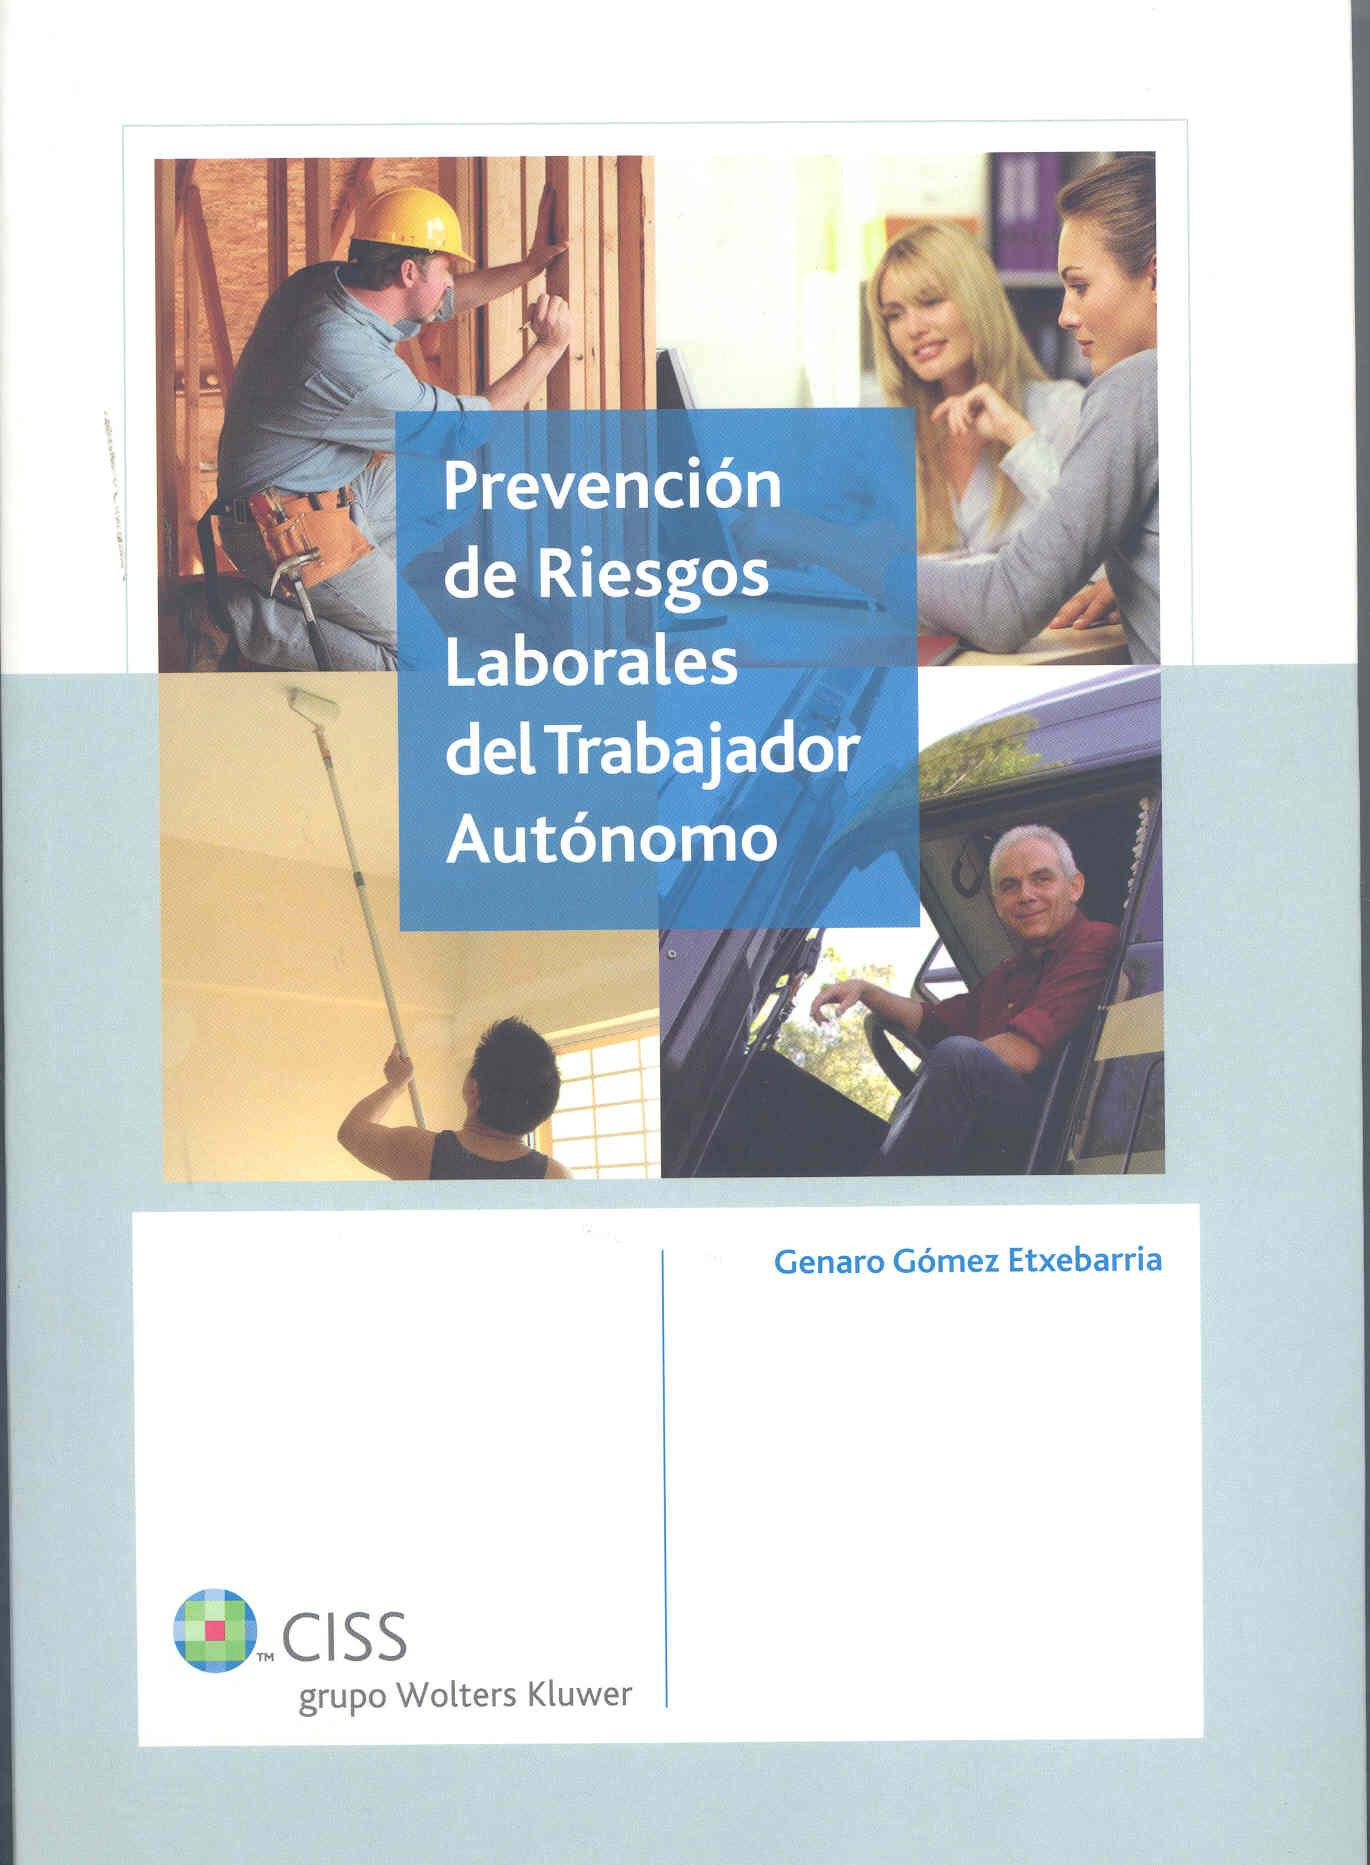 Prevencion Riesgos Laborales Trabajadores Autonomo por Genaro Gomez Etxebarria